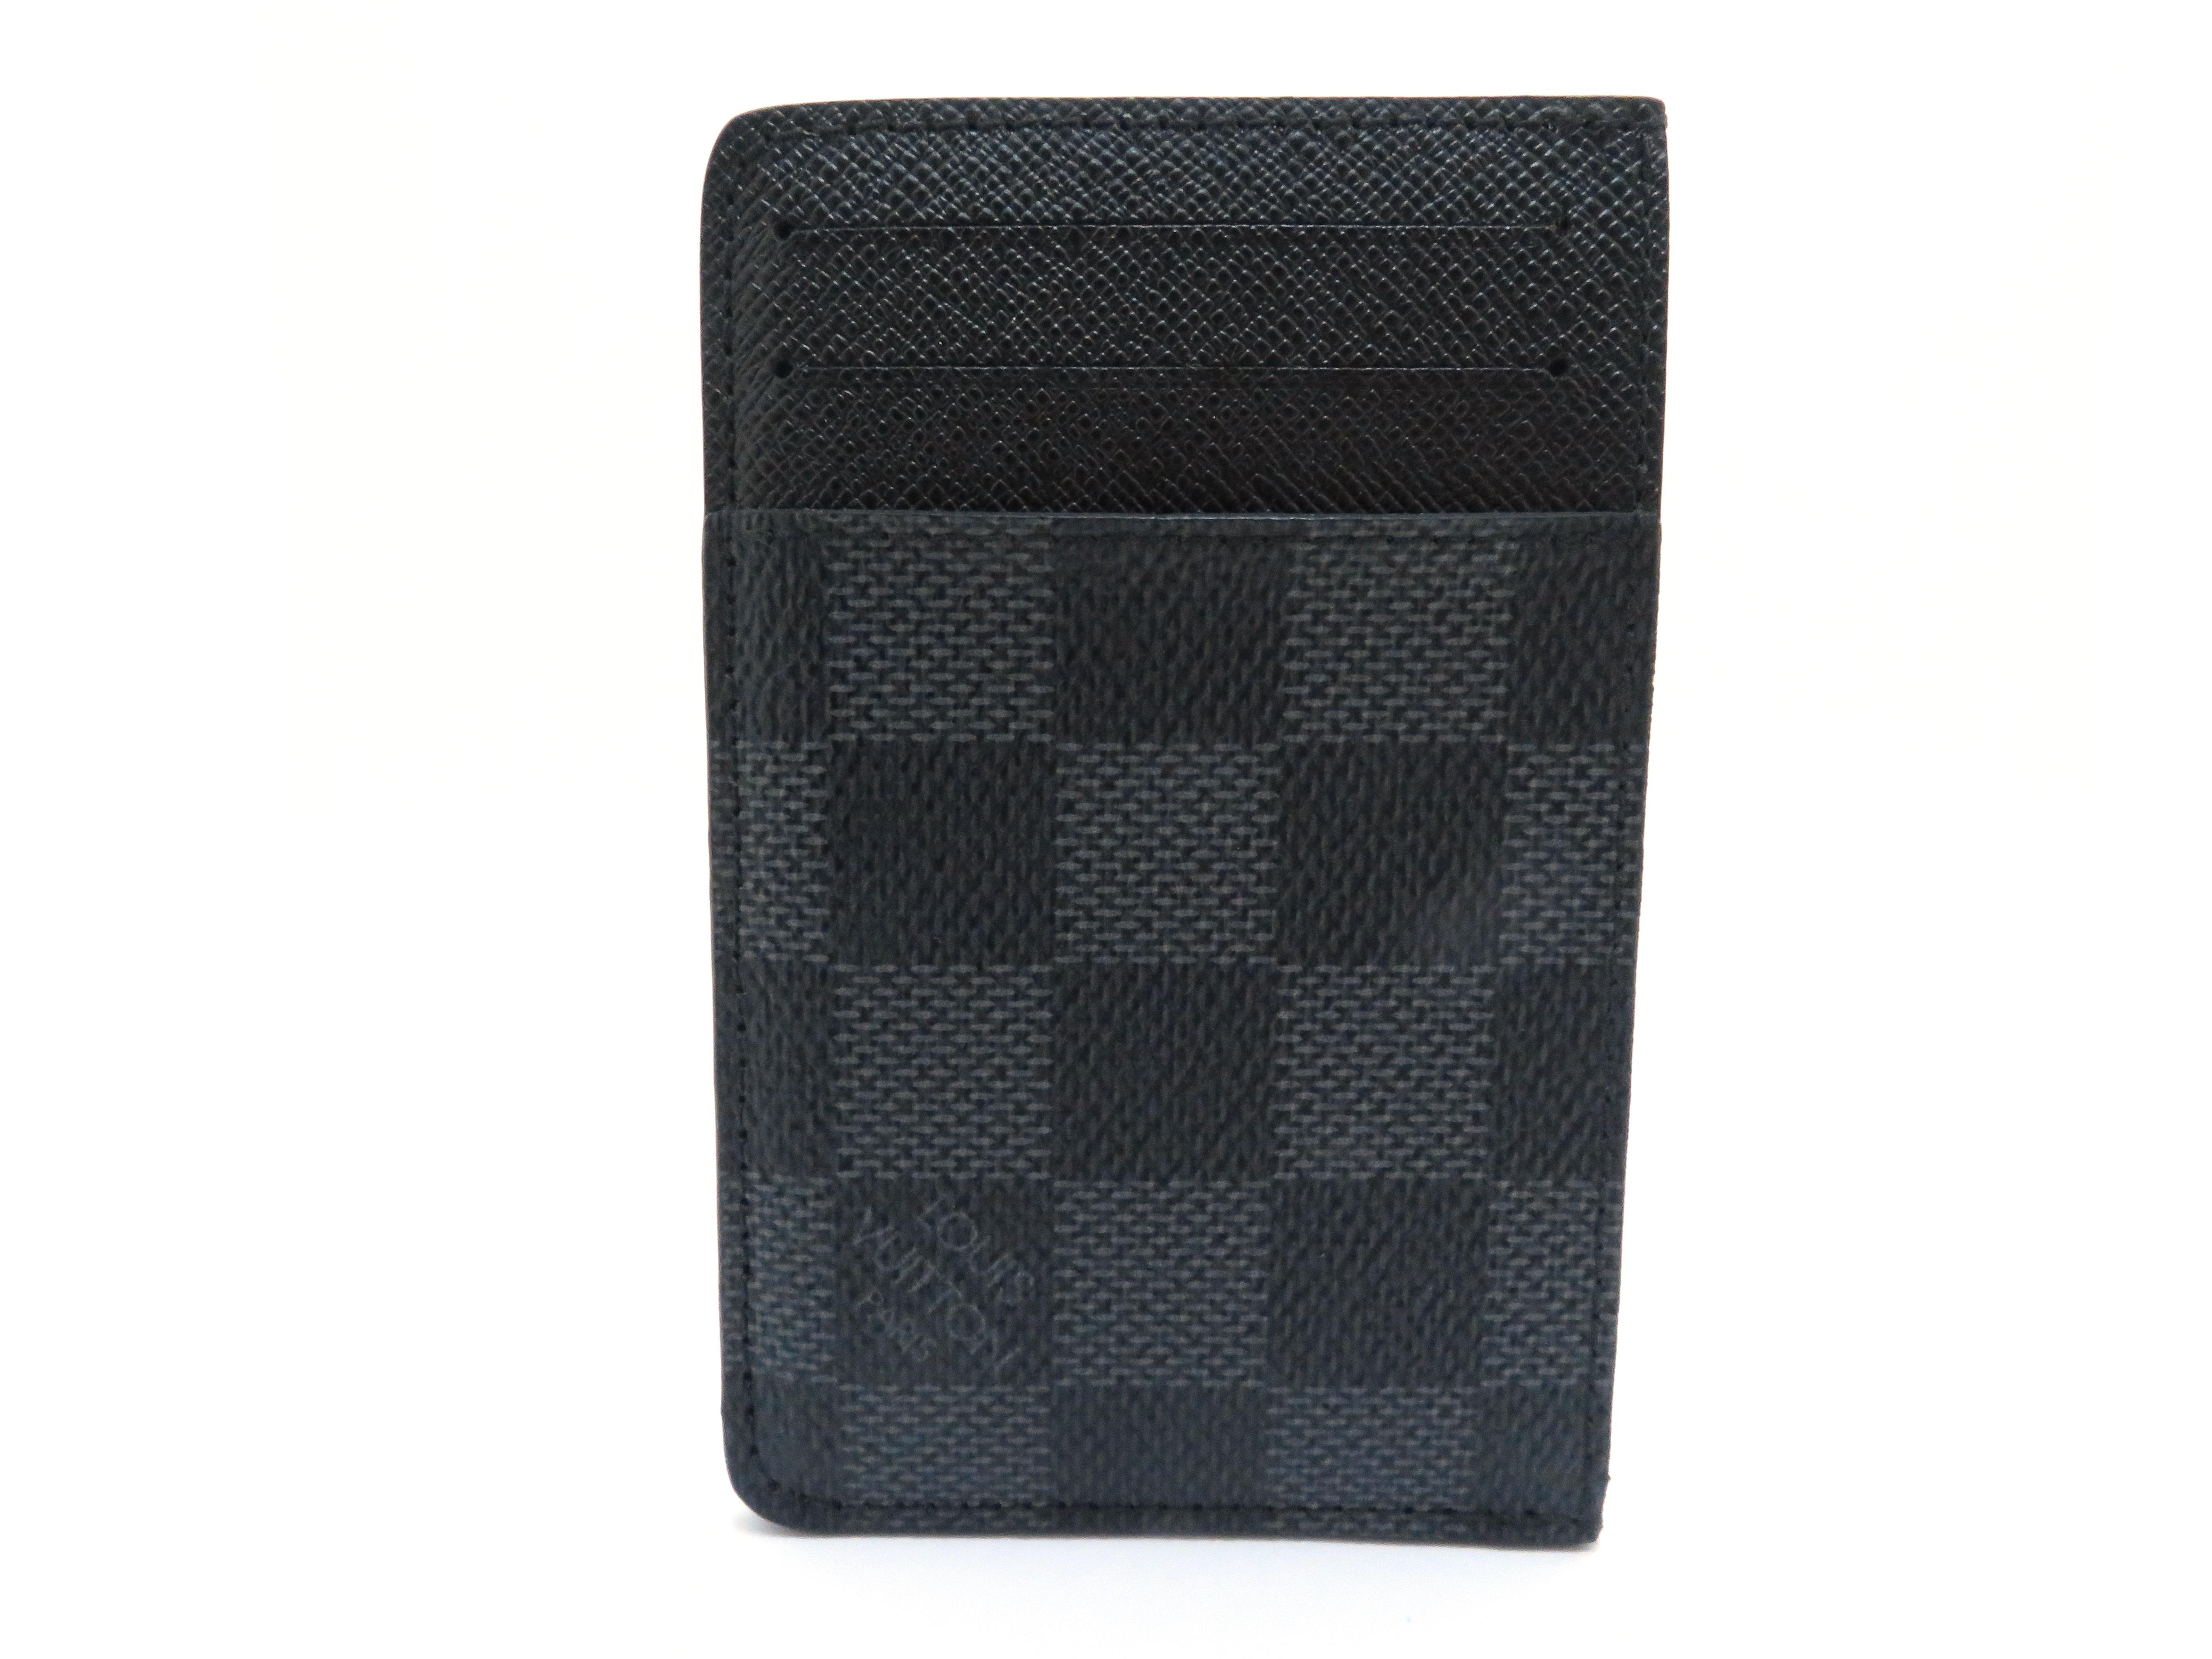 LOUIS VUITTON ネオ・ポルトカルト N62666 ダミエグラフィット カードケース 【205】